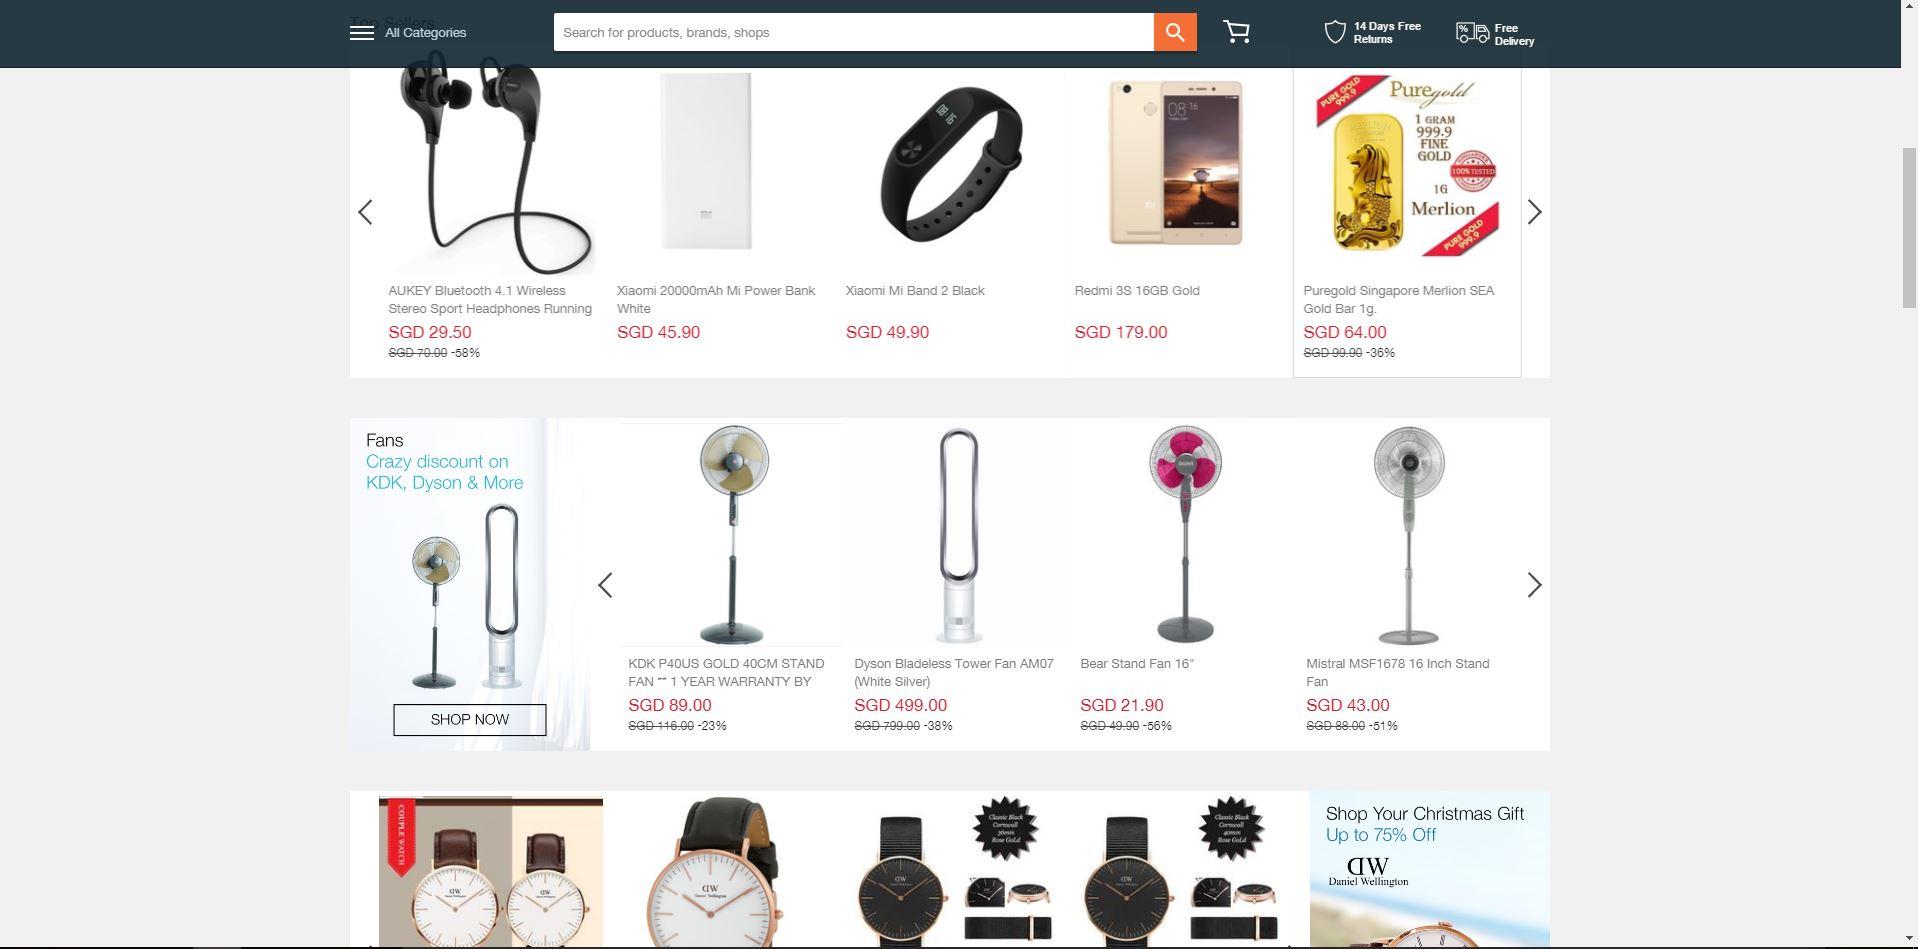 Lazada online retail store